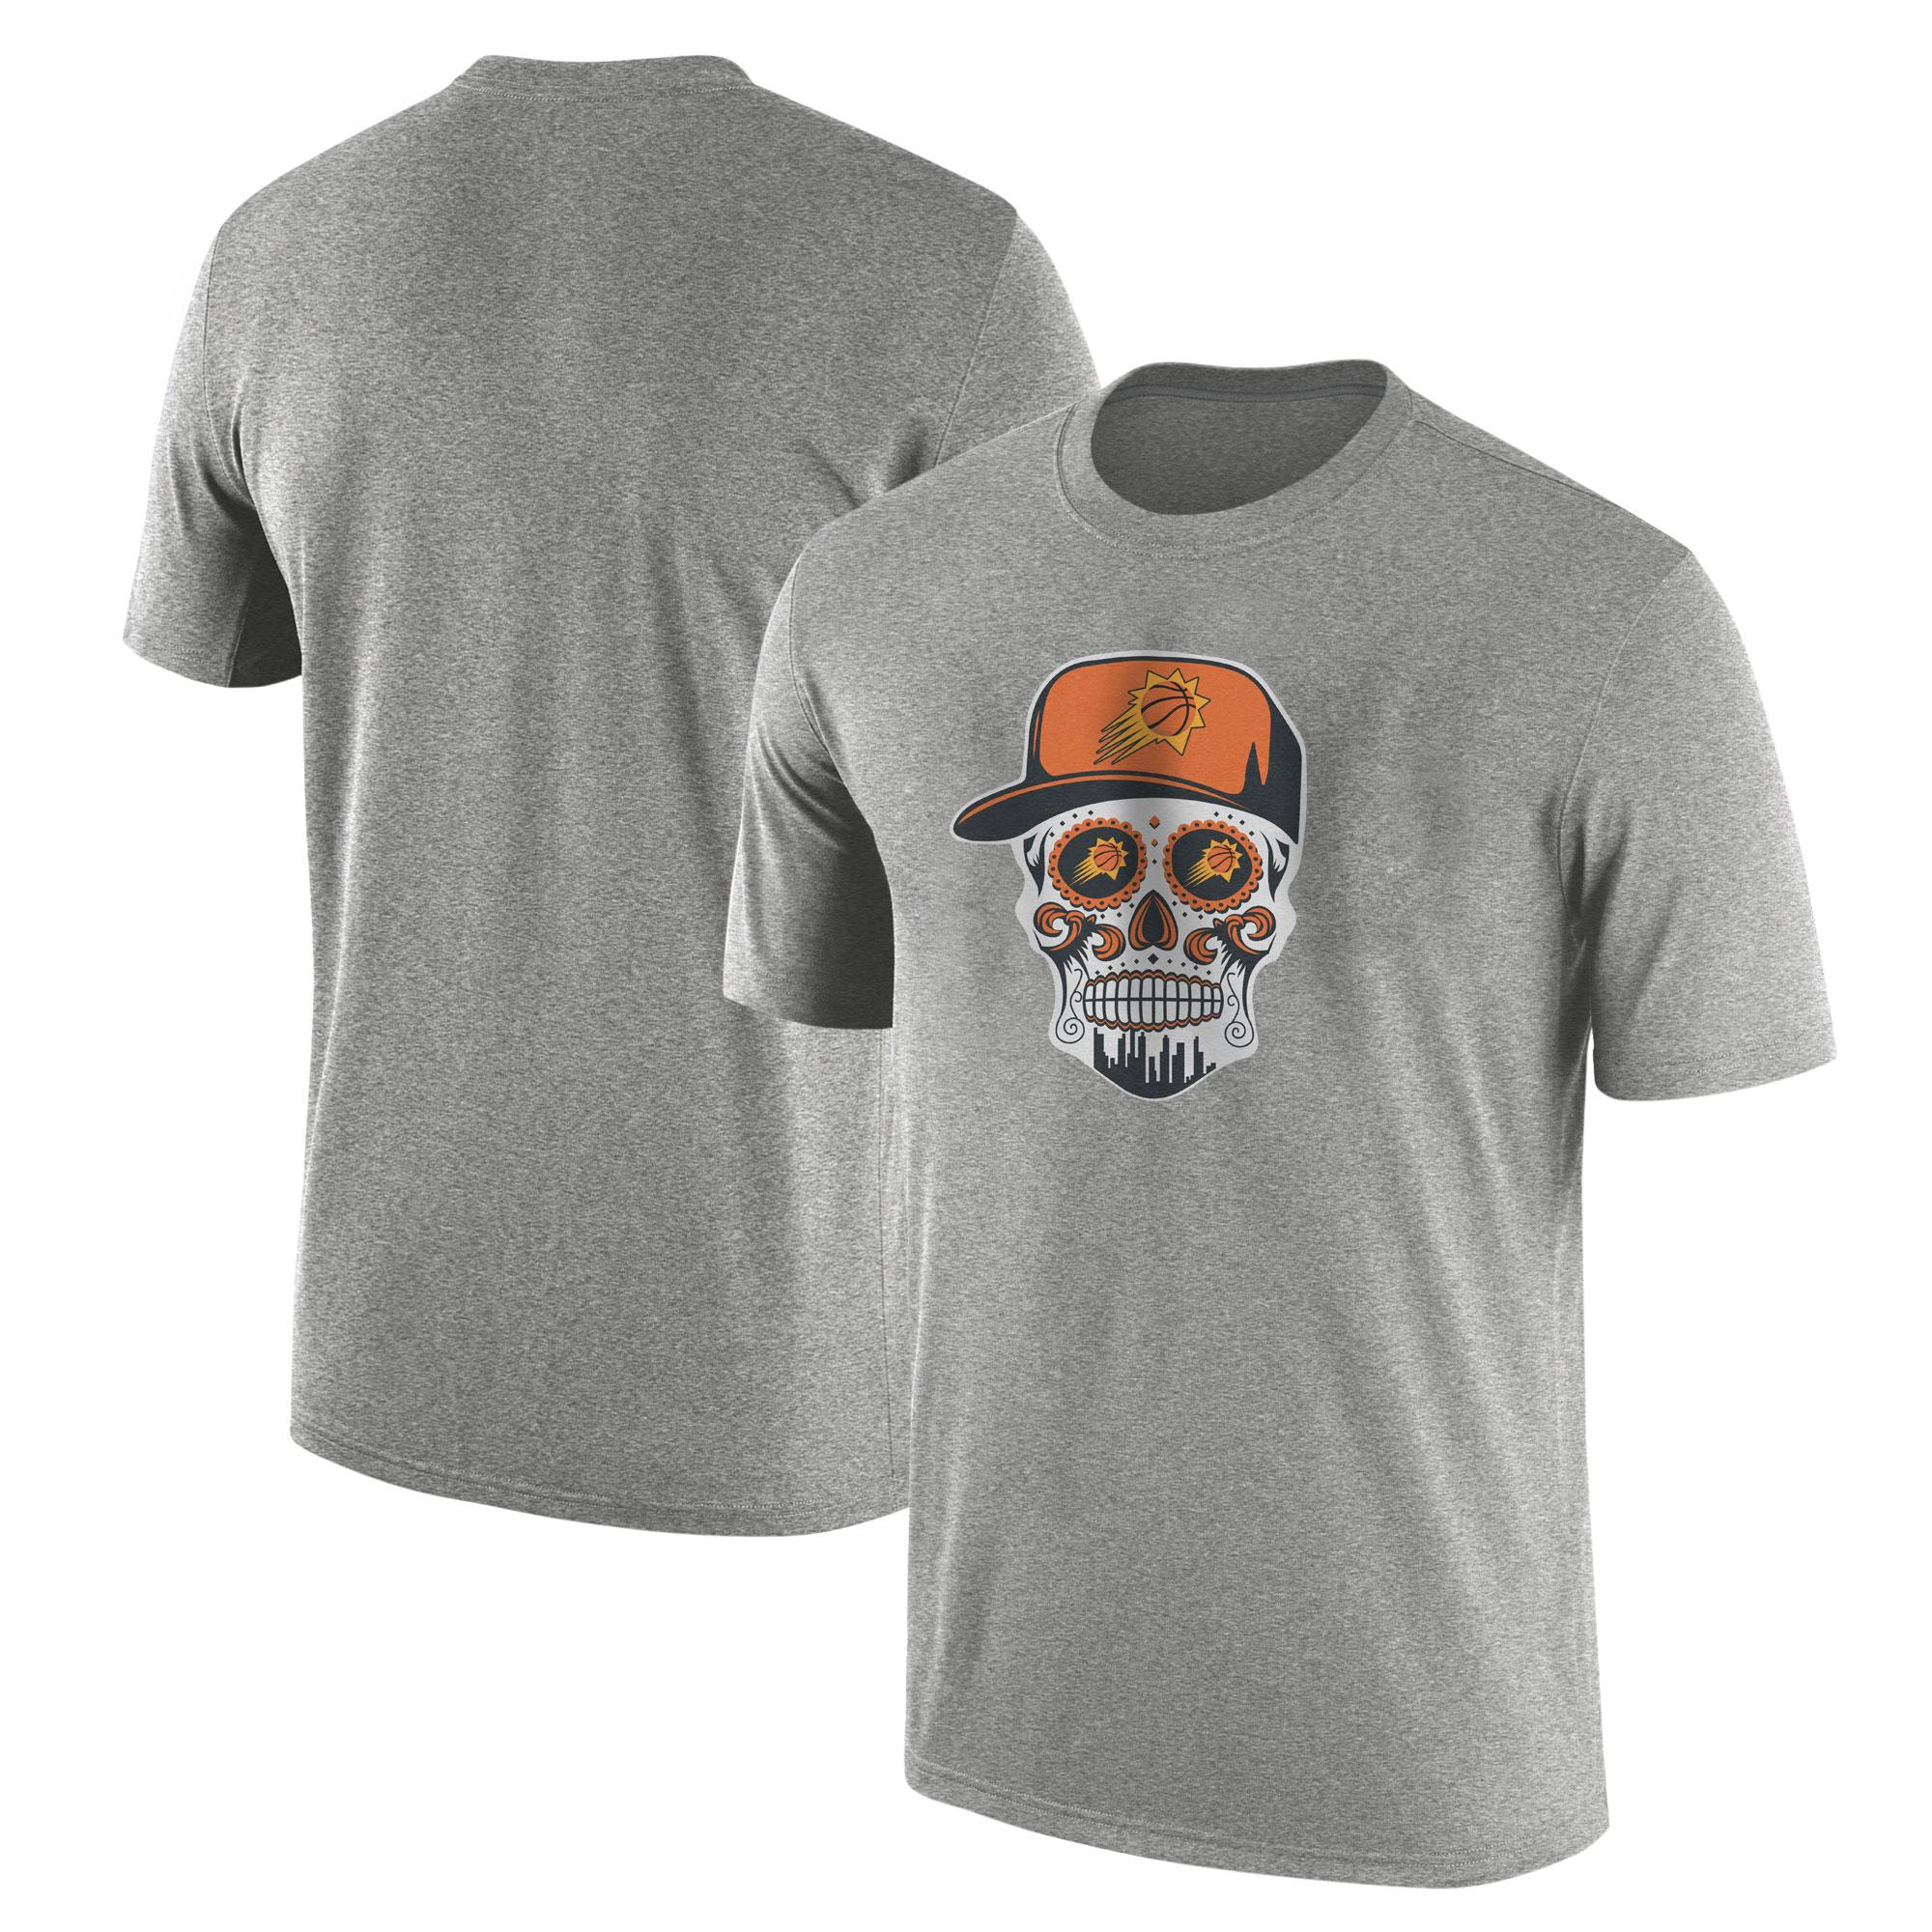 Phoenix Skull Tshirt (TSH-GRY-NP-461-NBA-PHO-SKULL)